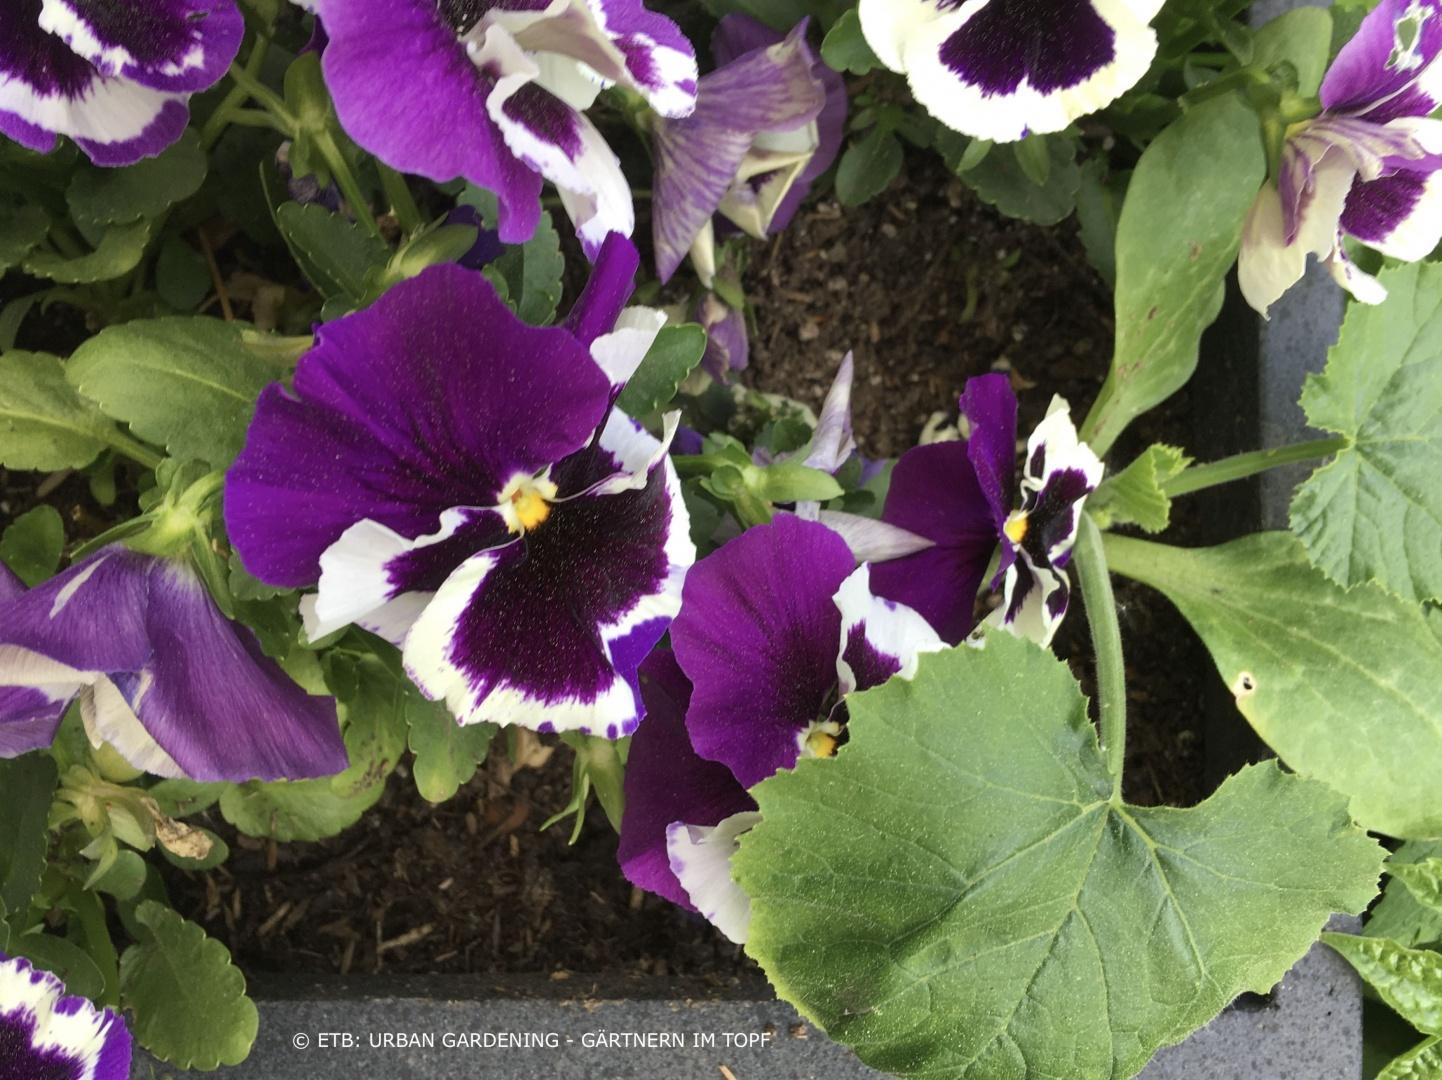 Nutzpflanzen und Zierpflanzen in einem Blumenkasten